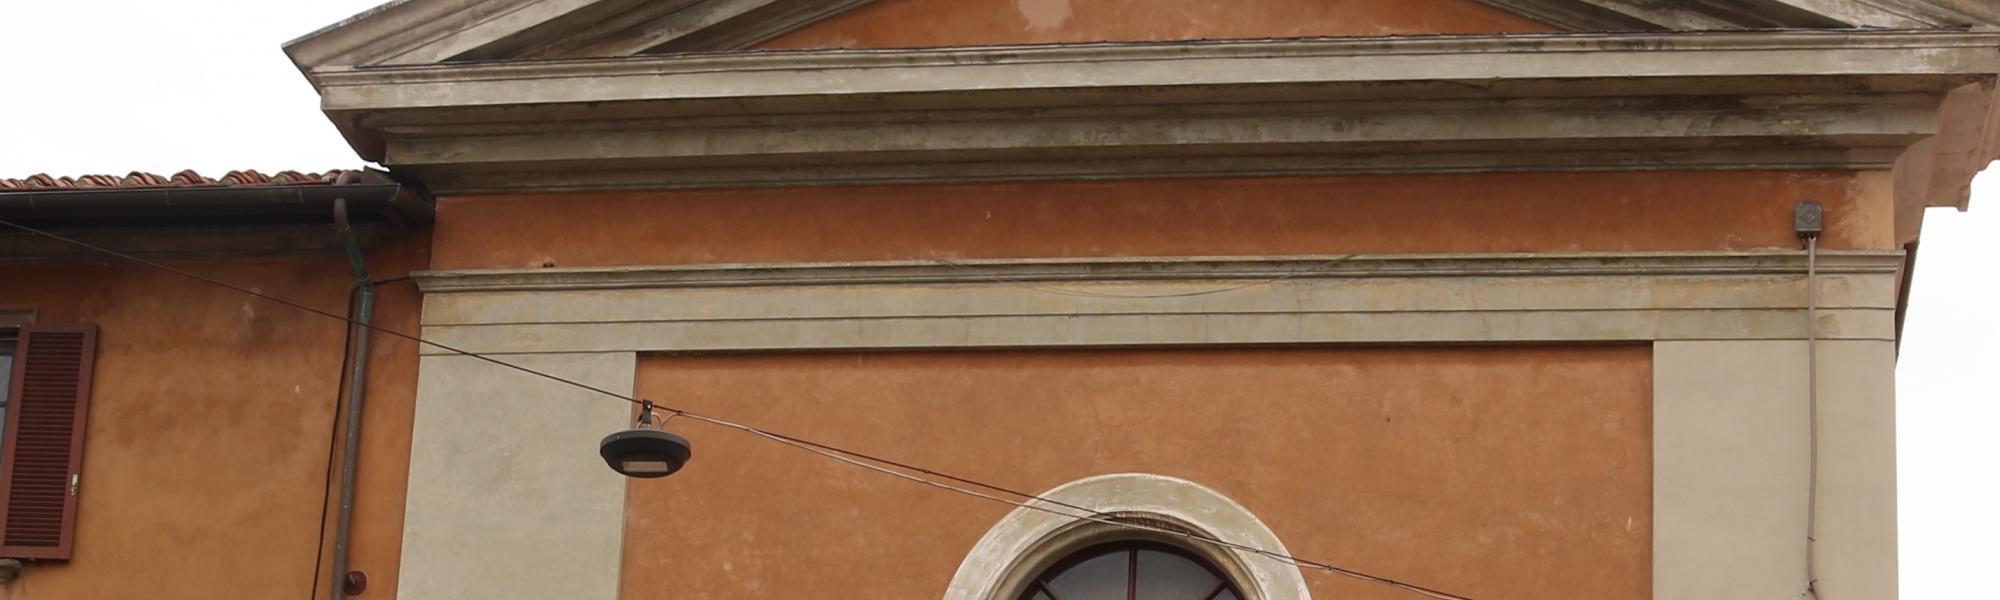 Particolari facciata - Chiesa di San Ranierino (A. Matteucci)